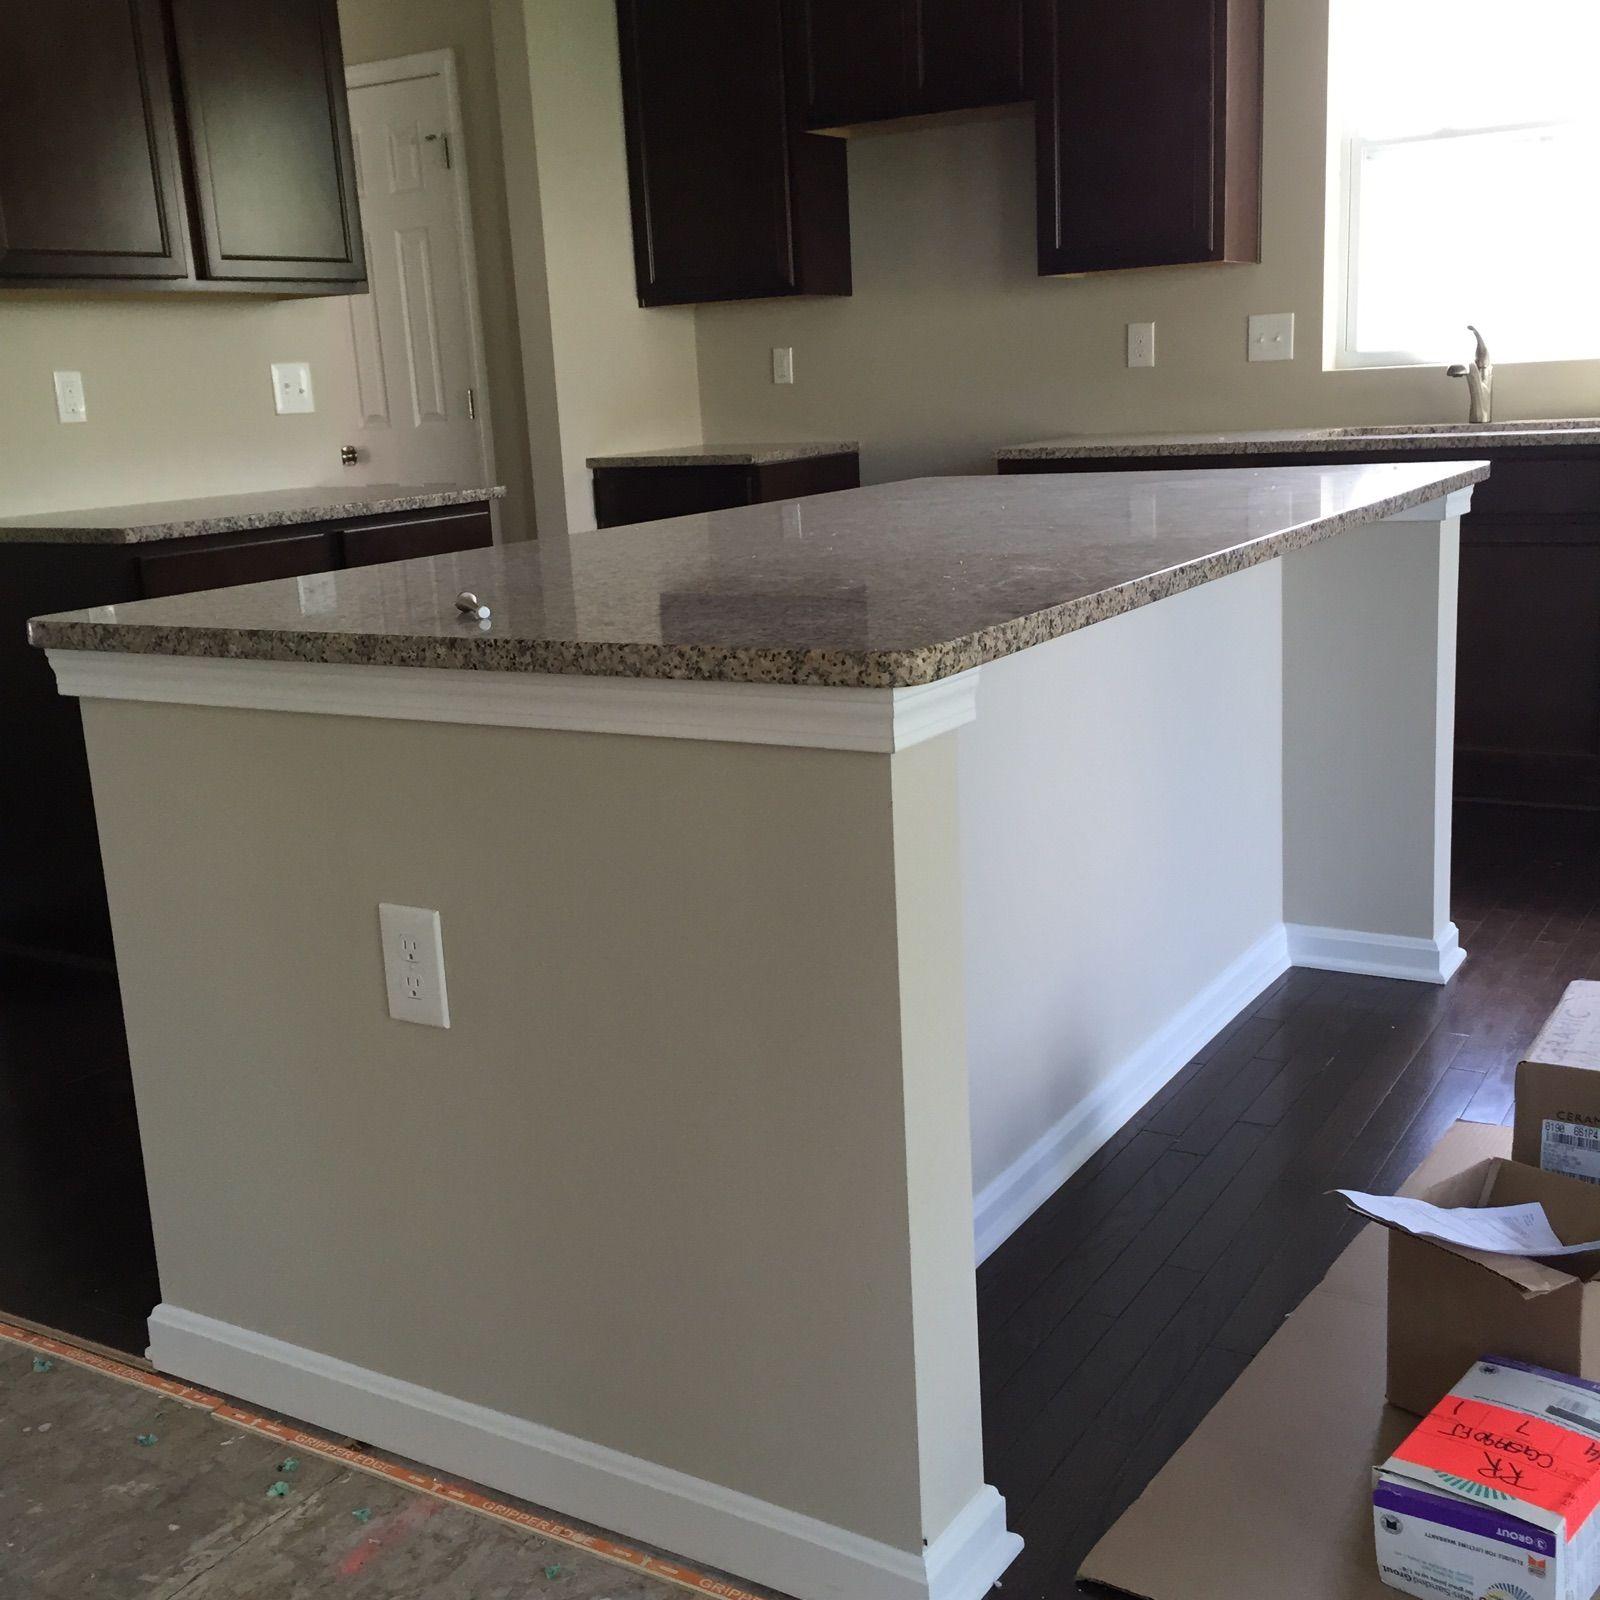 Drywall Wrap Island In A Standard Kitchen Kitchen Island Cabinets Kitchen Design Woodworking Plans Kitchen